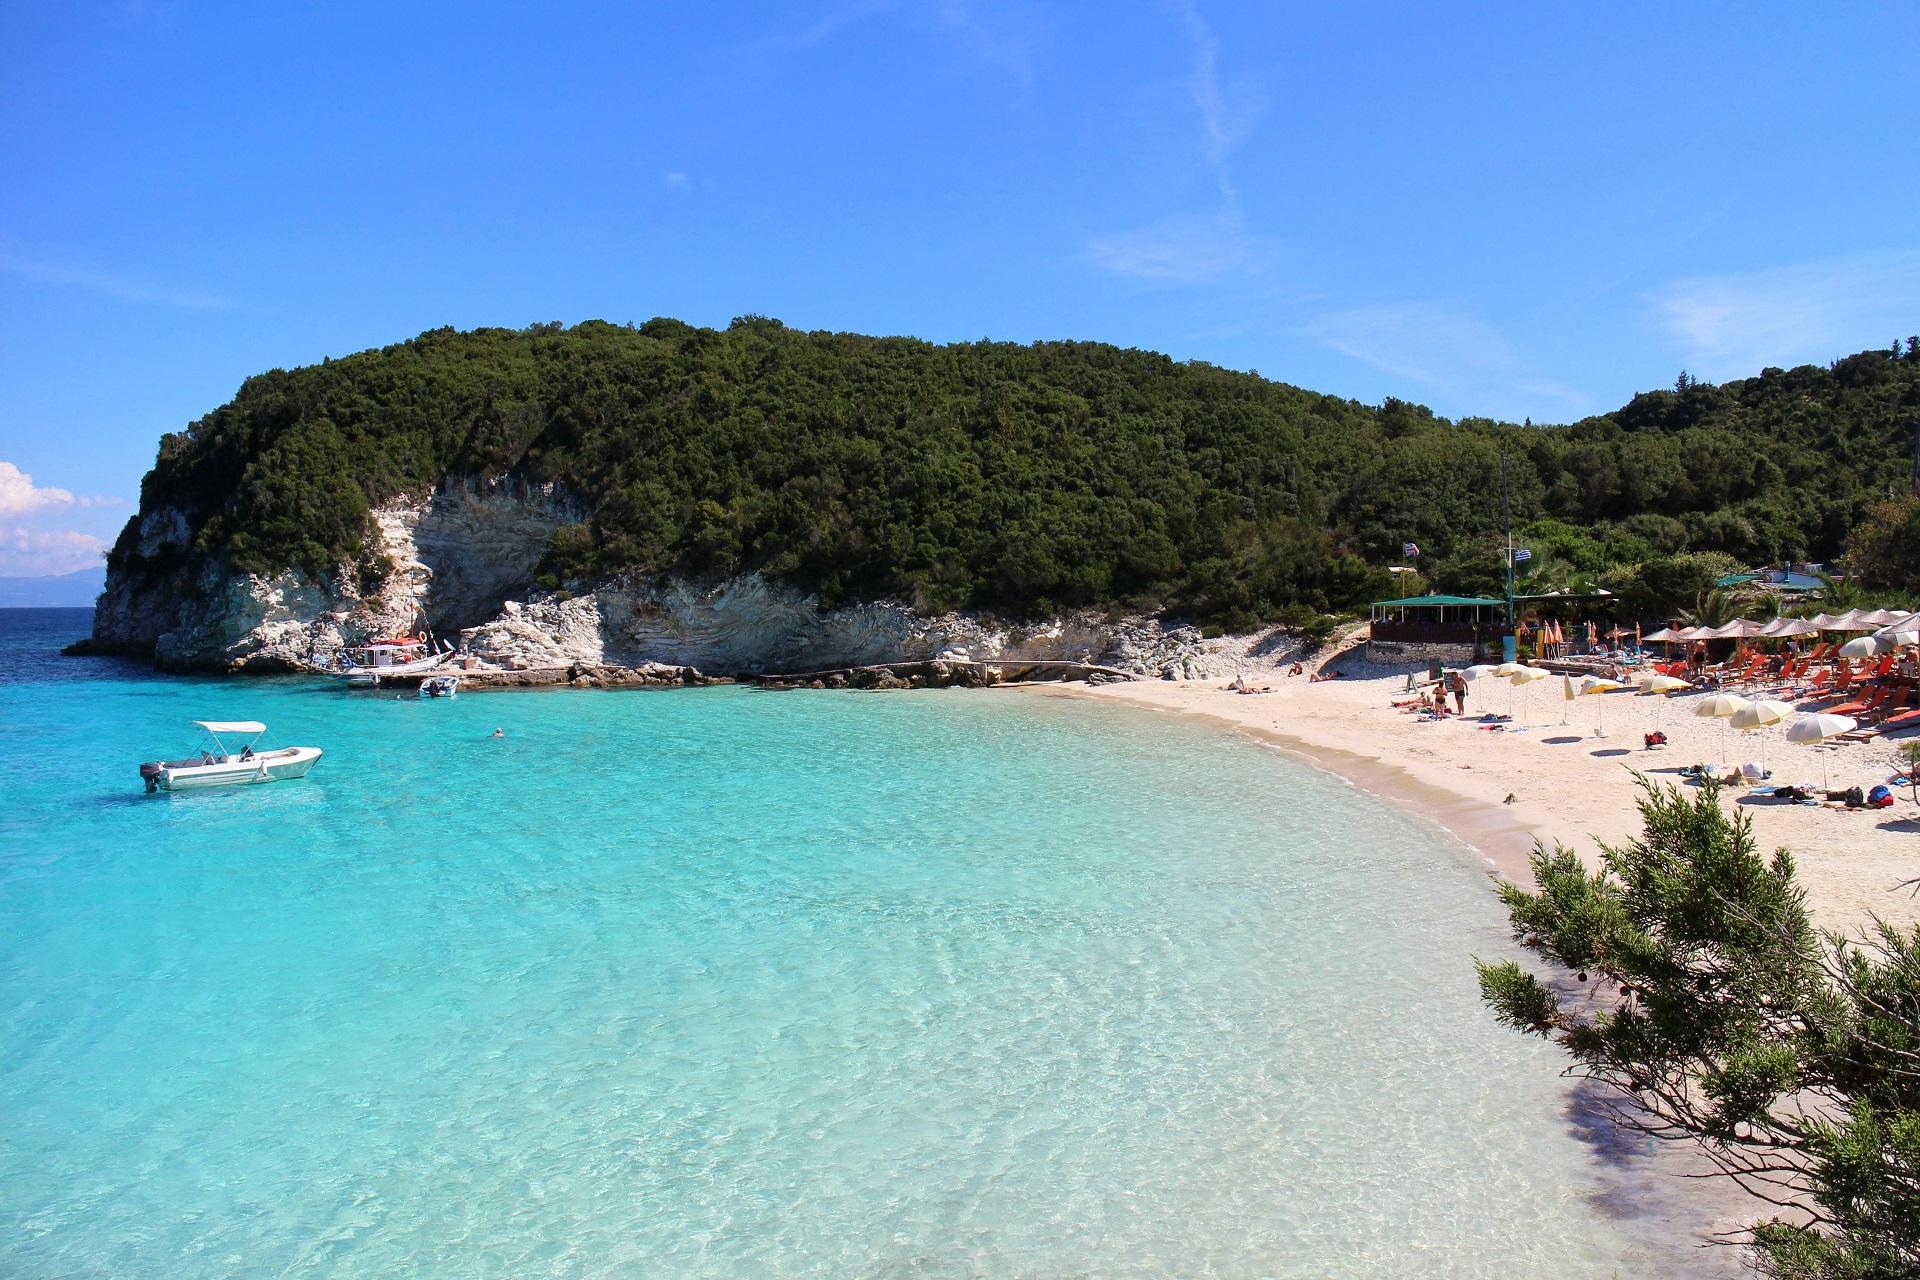 Vrika beach auf Antipaxos in Griechenland